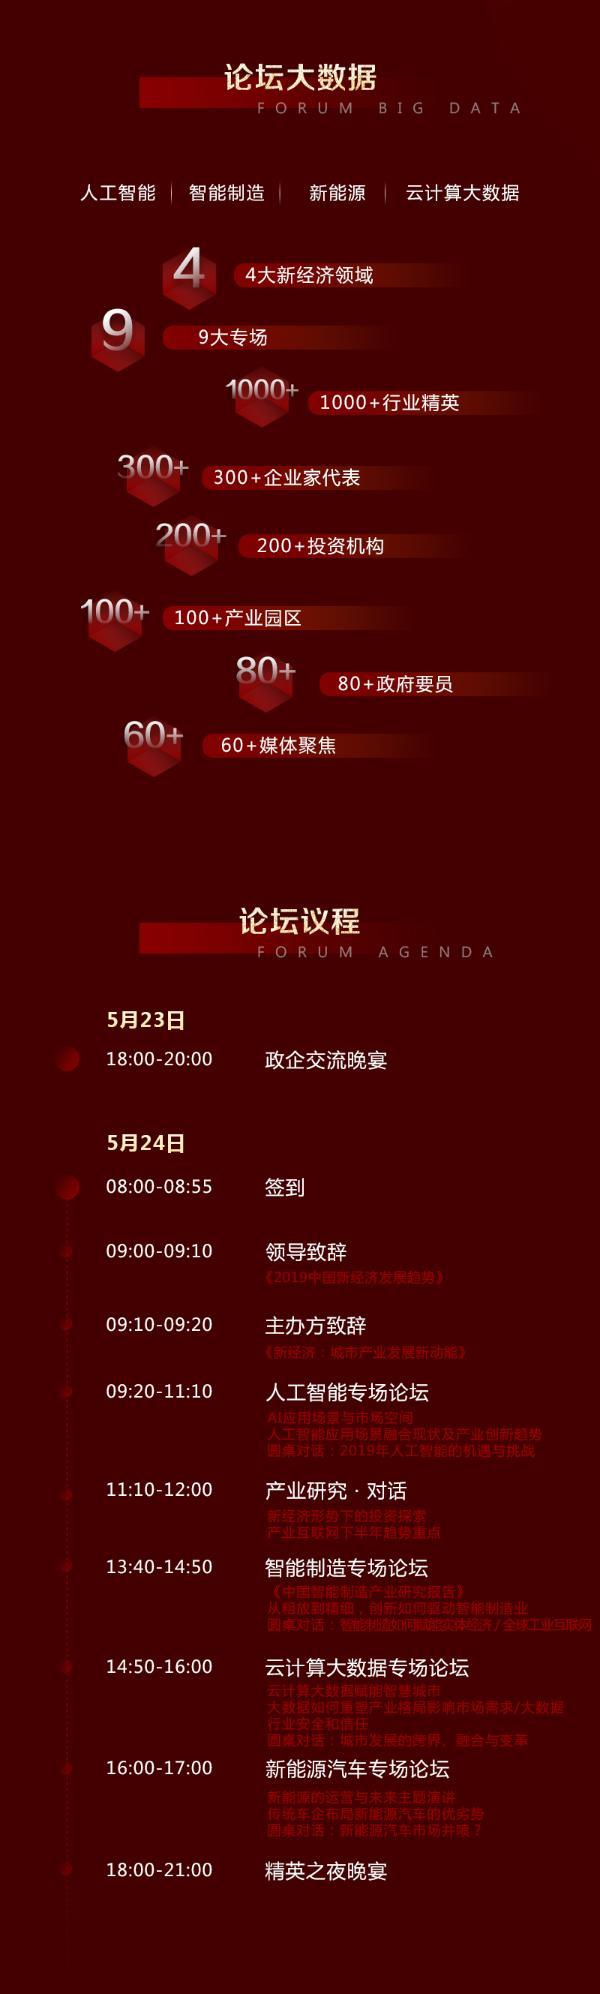 聚焦两会科创热点,中国新时代企业家论坛将于5月24日北京开幕